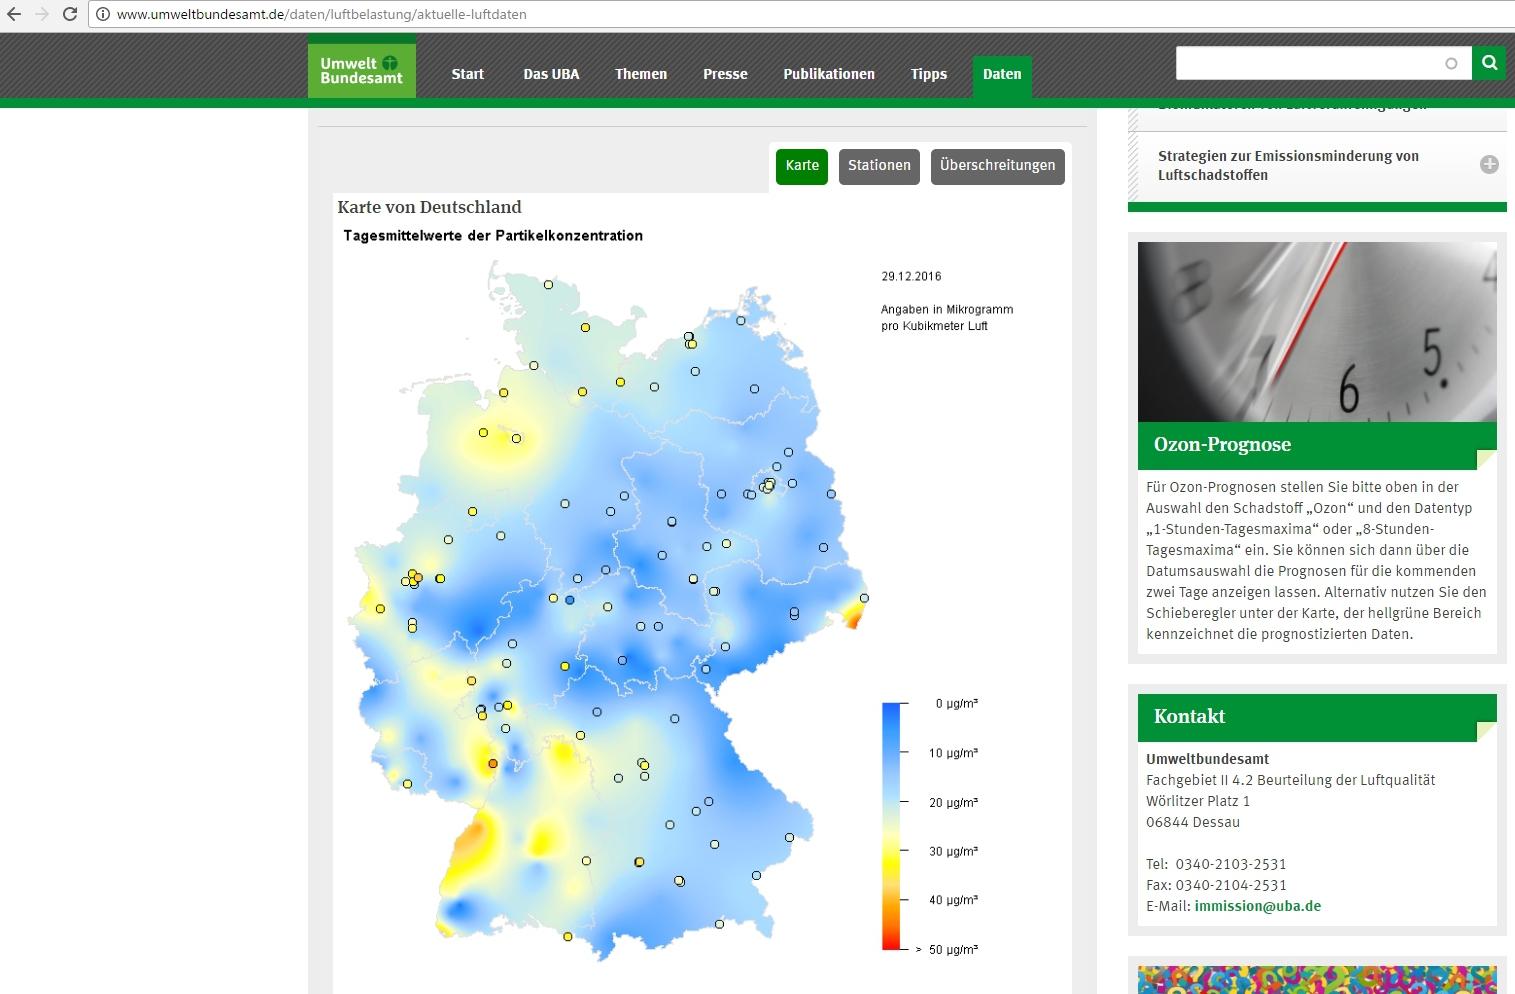 Screenshot 29.12.16 | Quelle: https://www.umweltbundesamt.de/daten/luftbelastung/aktuelle-luftdaten